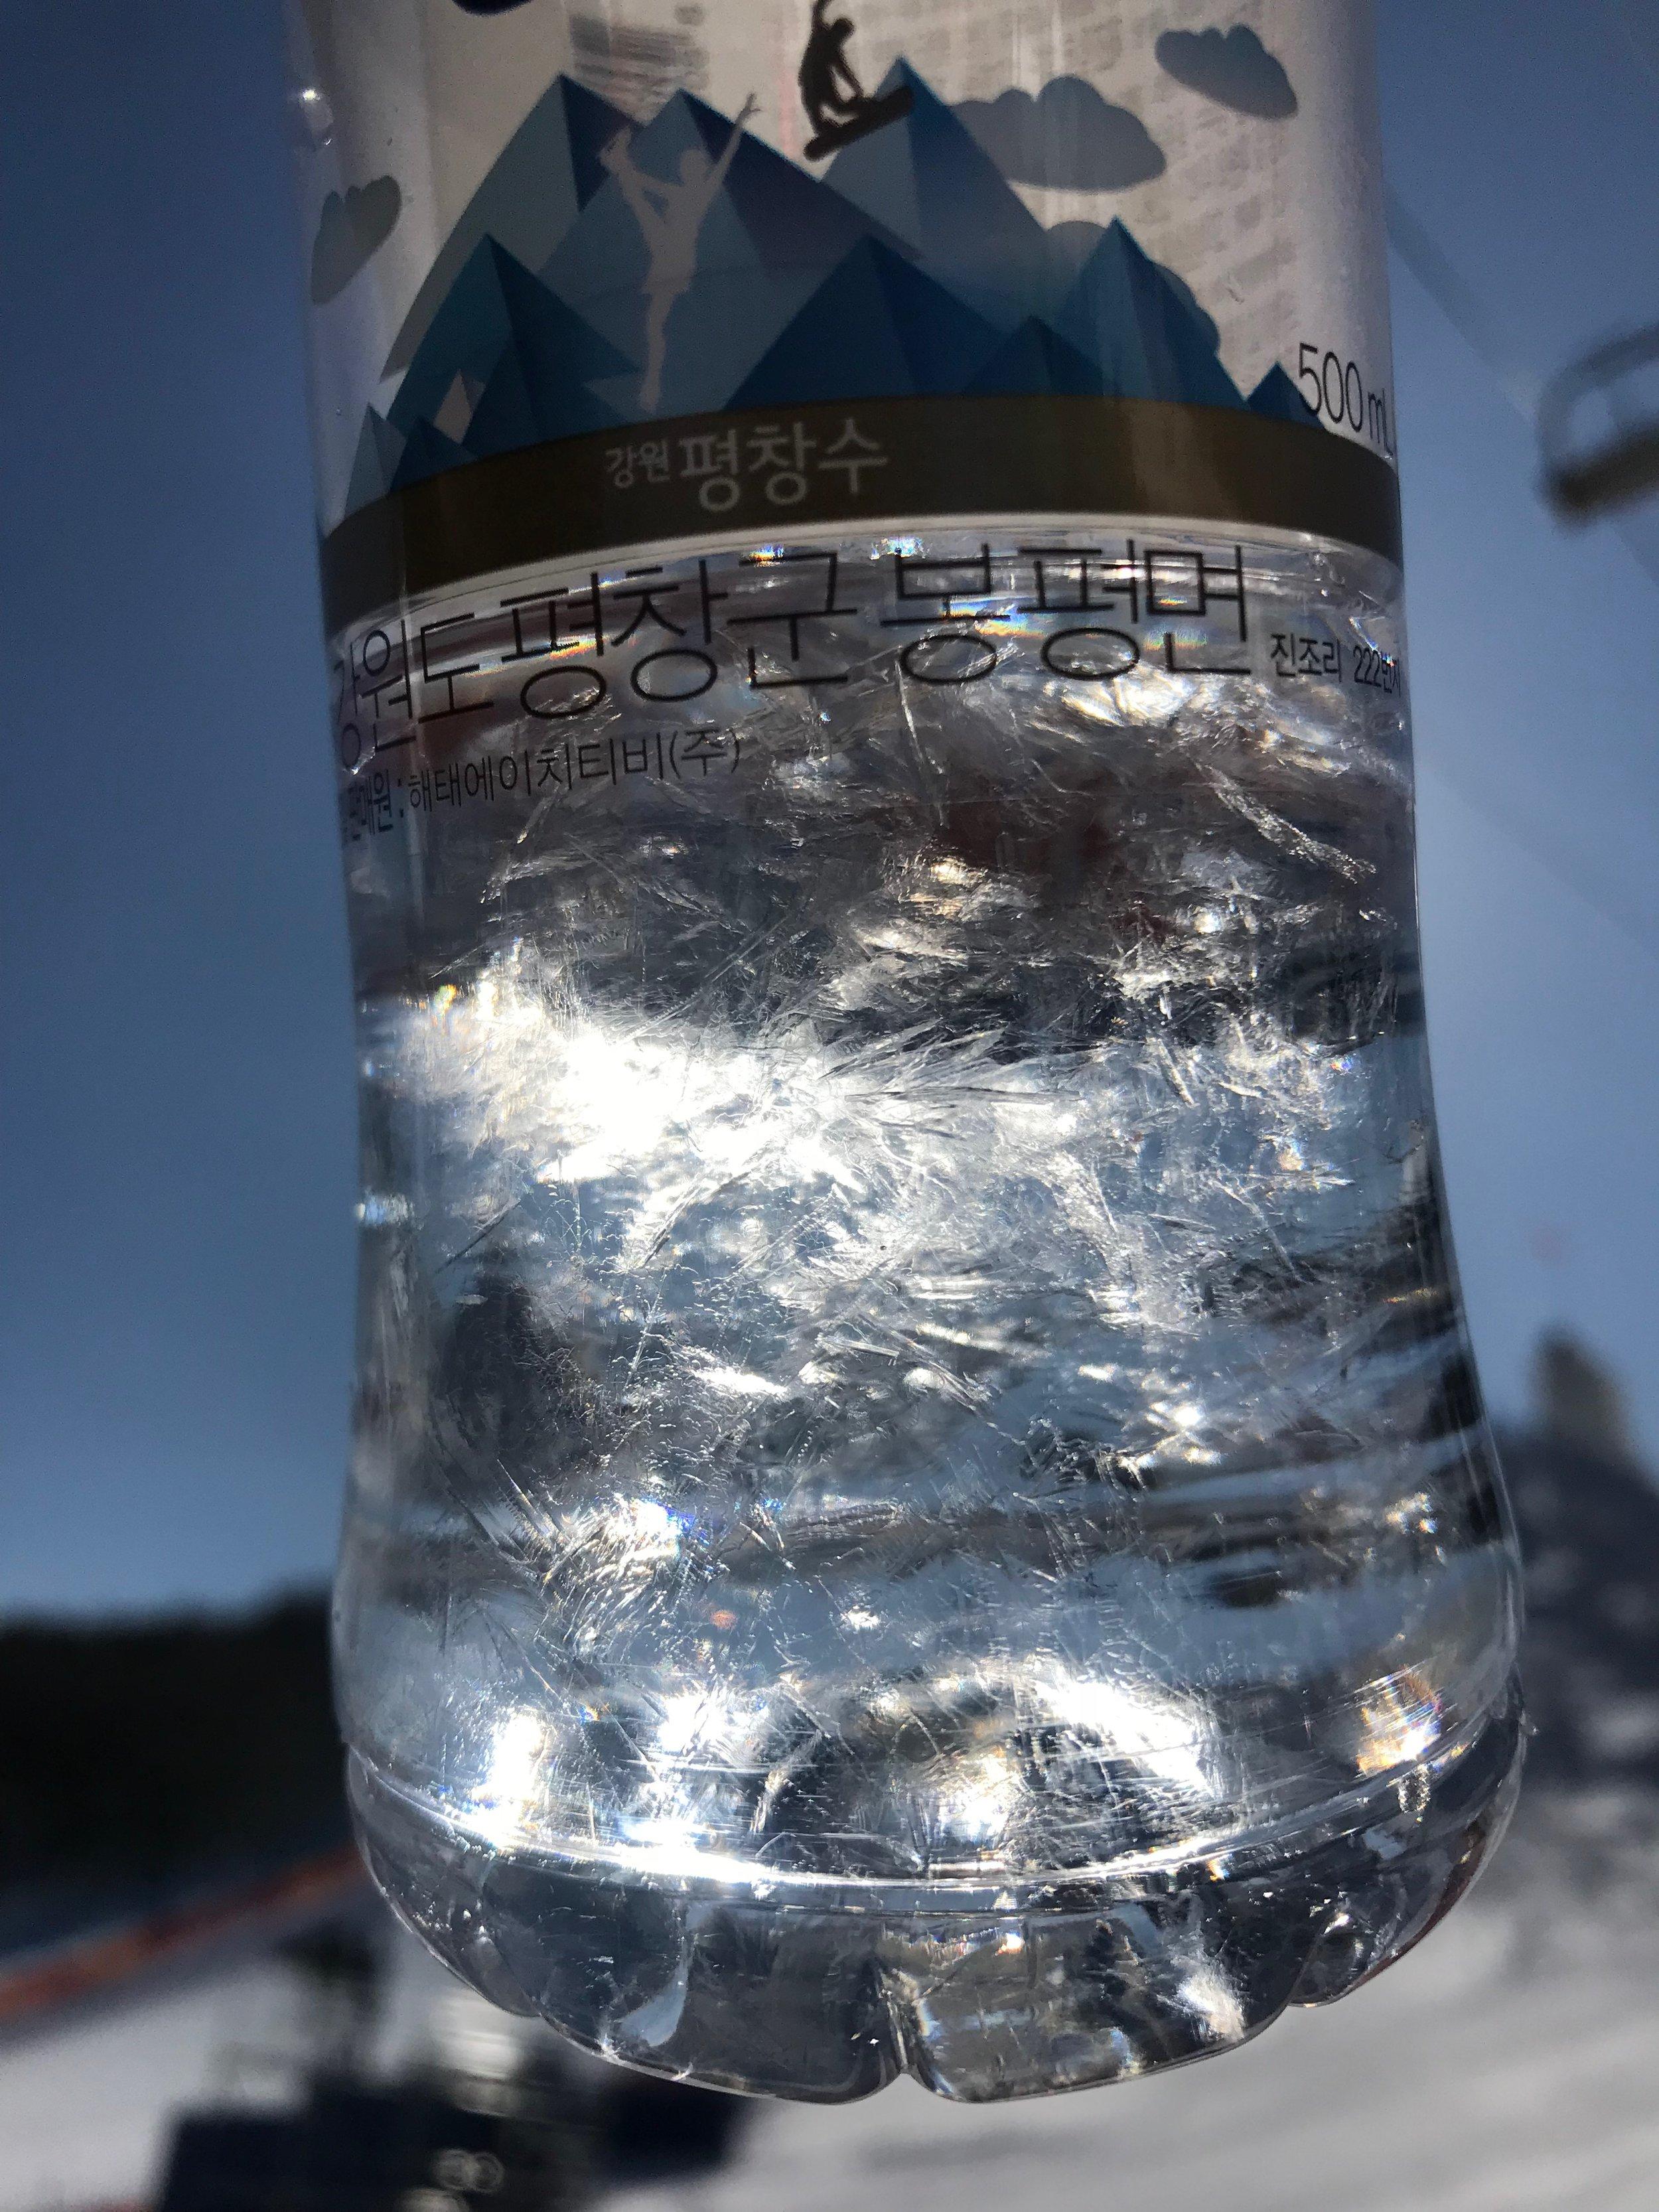 Wenn das Trinkwasser gefriert...